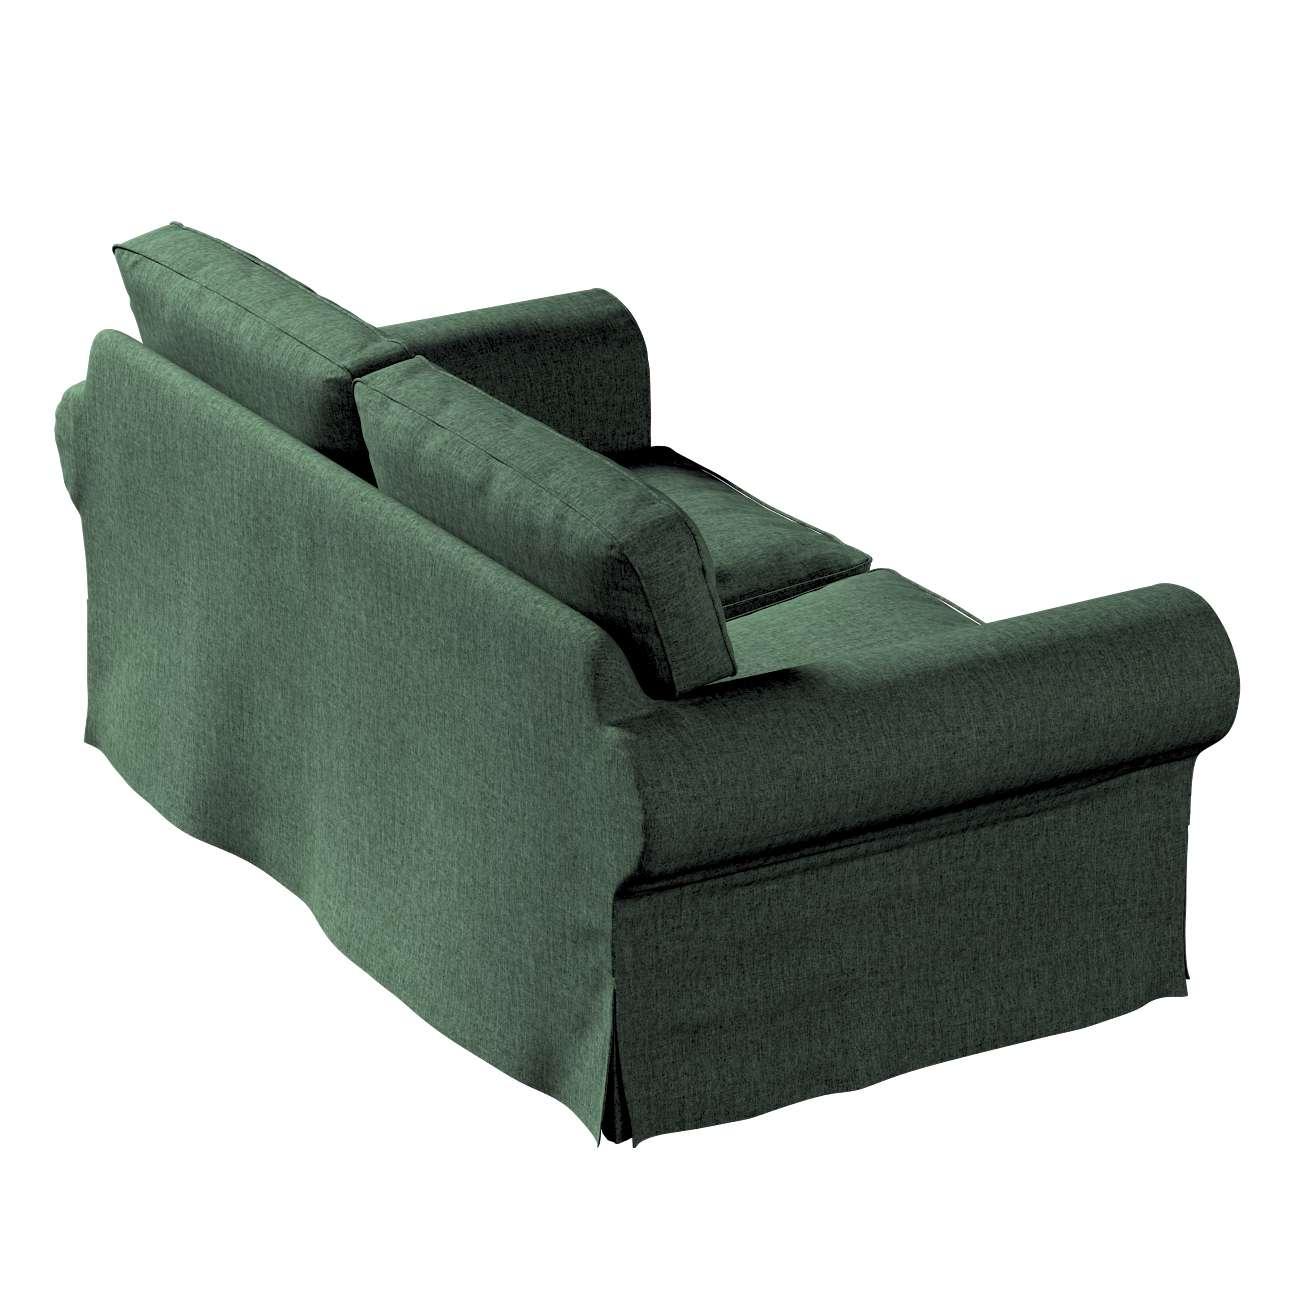 Poťah na sedačku Ektorp (rozkladacia, pre 2 osoby) NOVÝ MODEL 2012 V kolekcii City, tkanina: 704-81